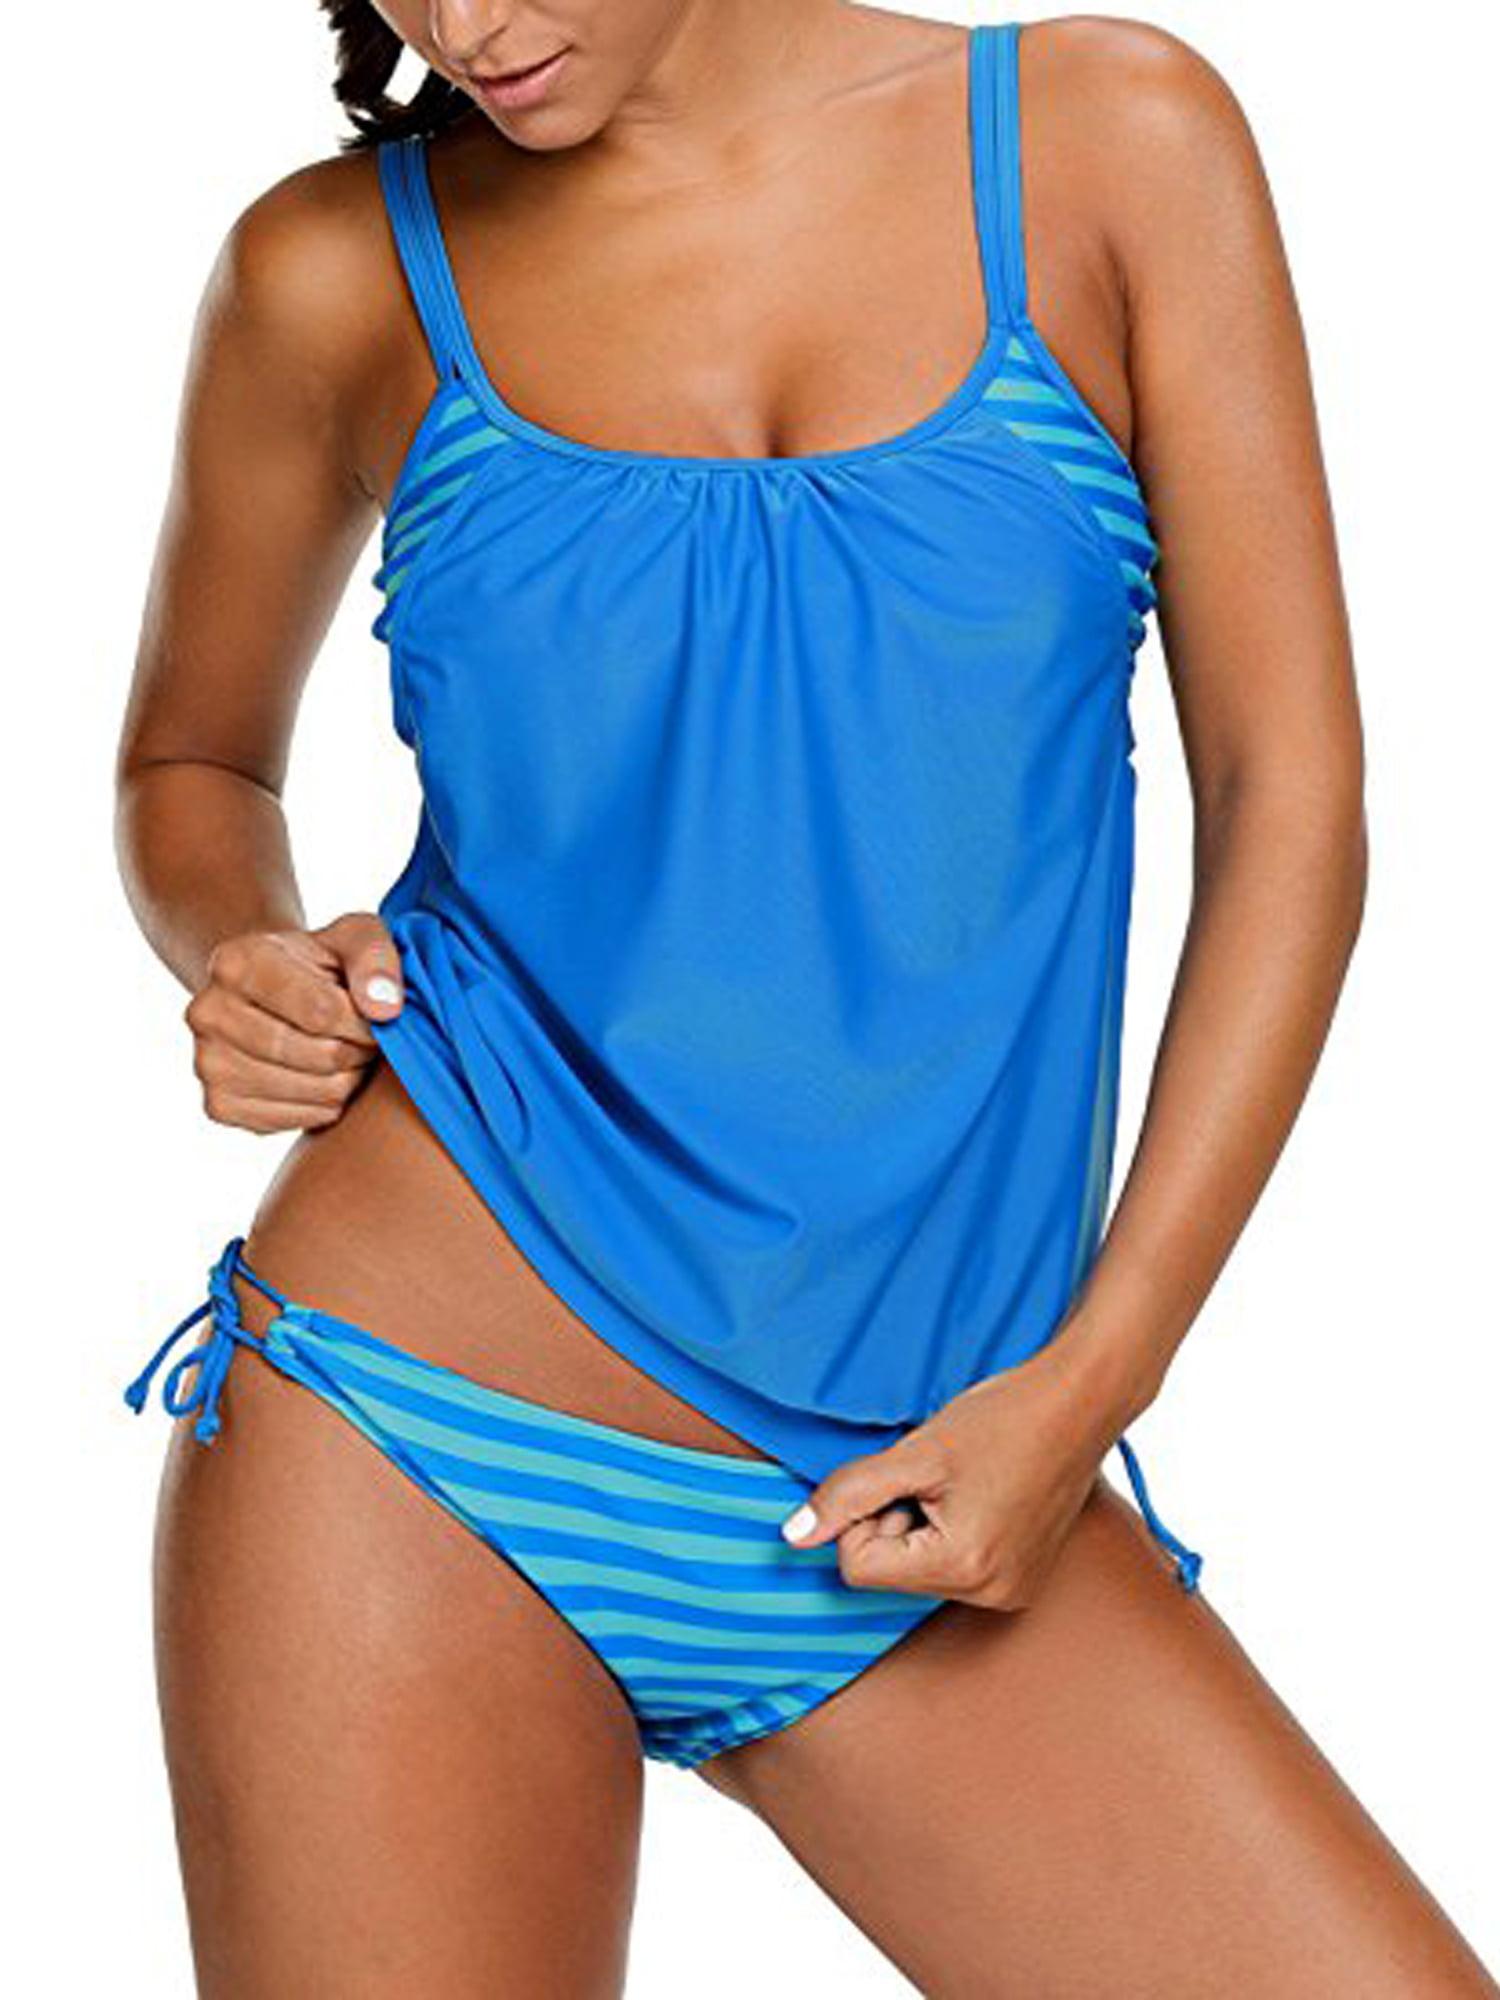 LELINTA Women's Set Stripes Lined Up Double Up Tankini Swimwear Swimsuit Four Color Black Dark Blue Red Light Blue by LELINTA